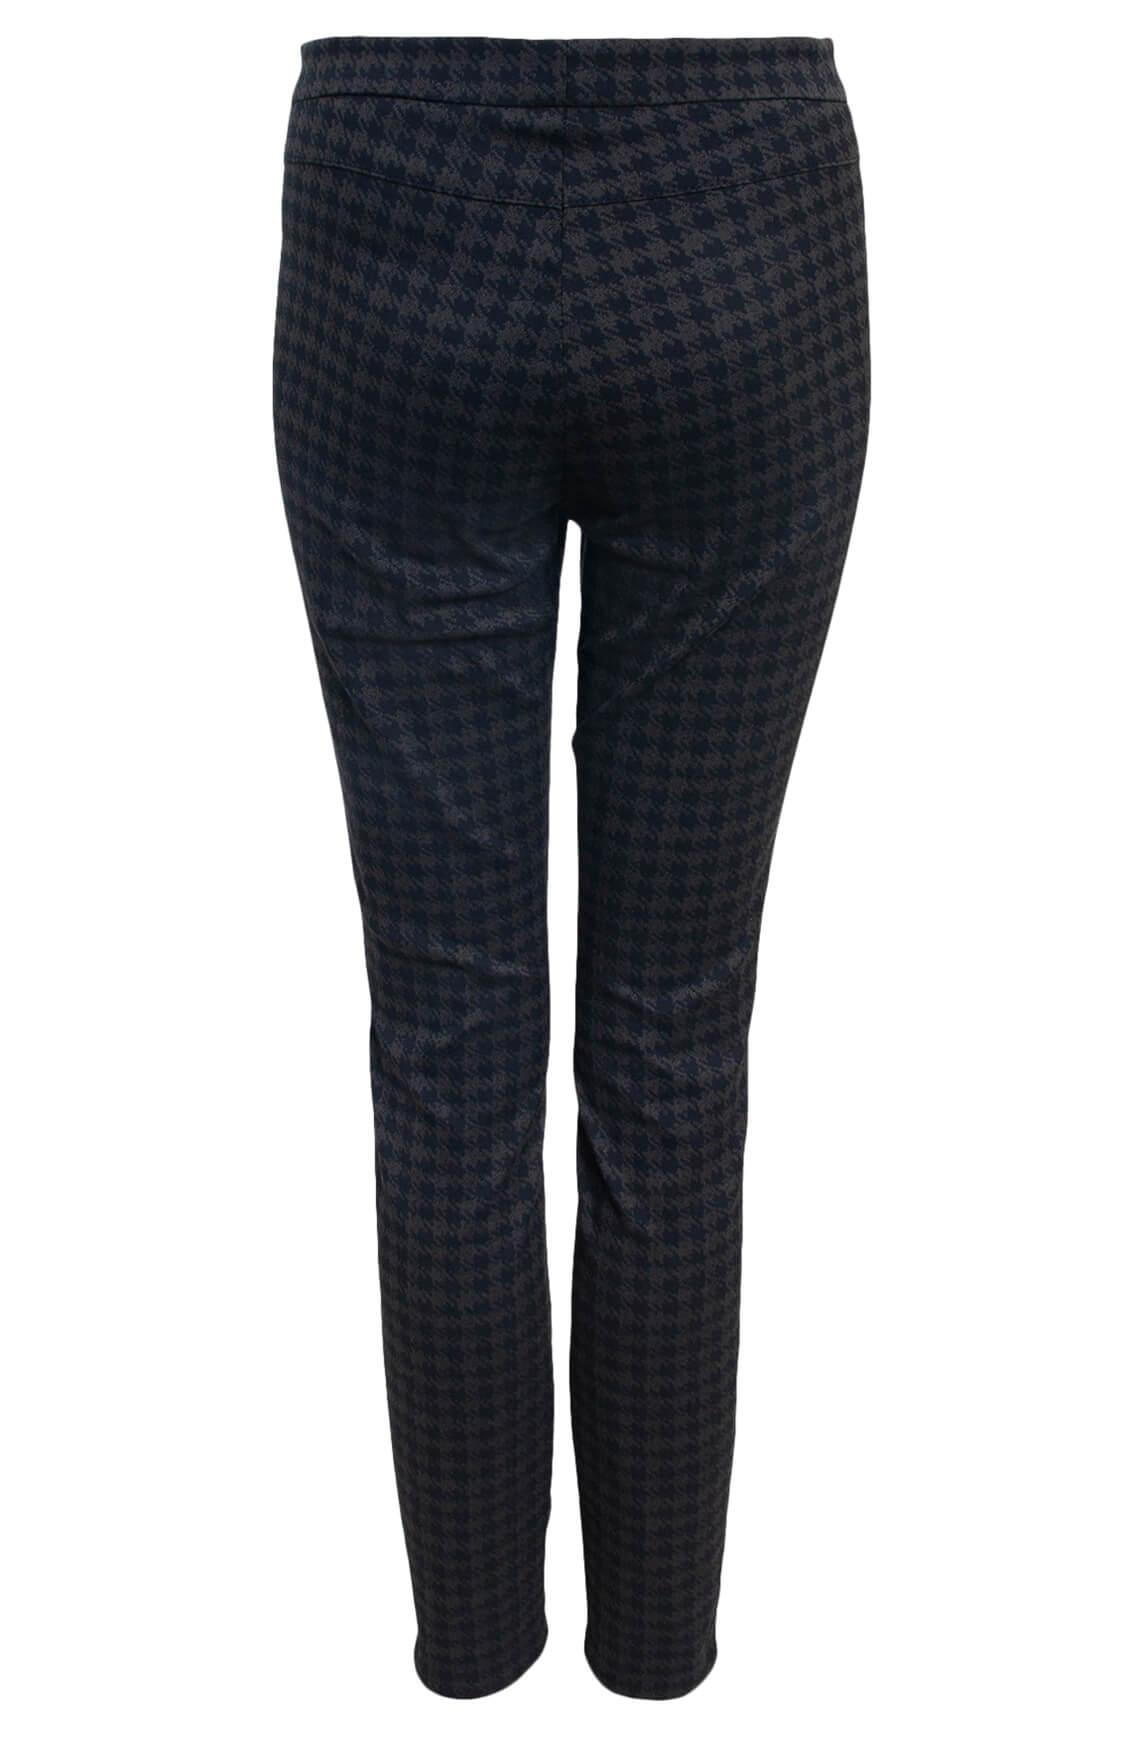 Brax Dames Mills pied-de-coque broek zwart